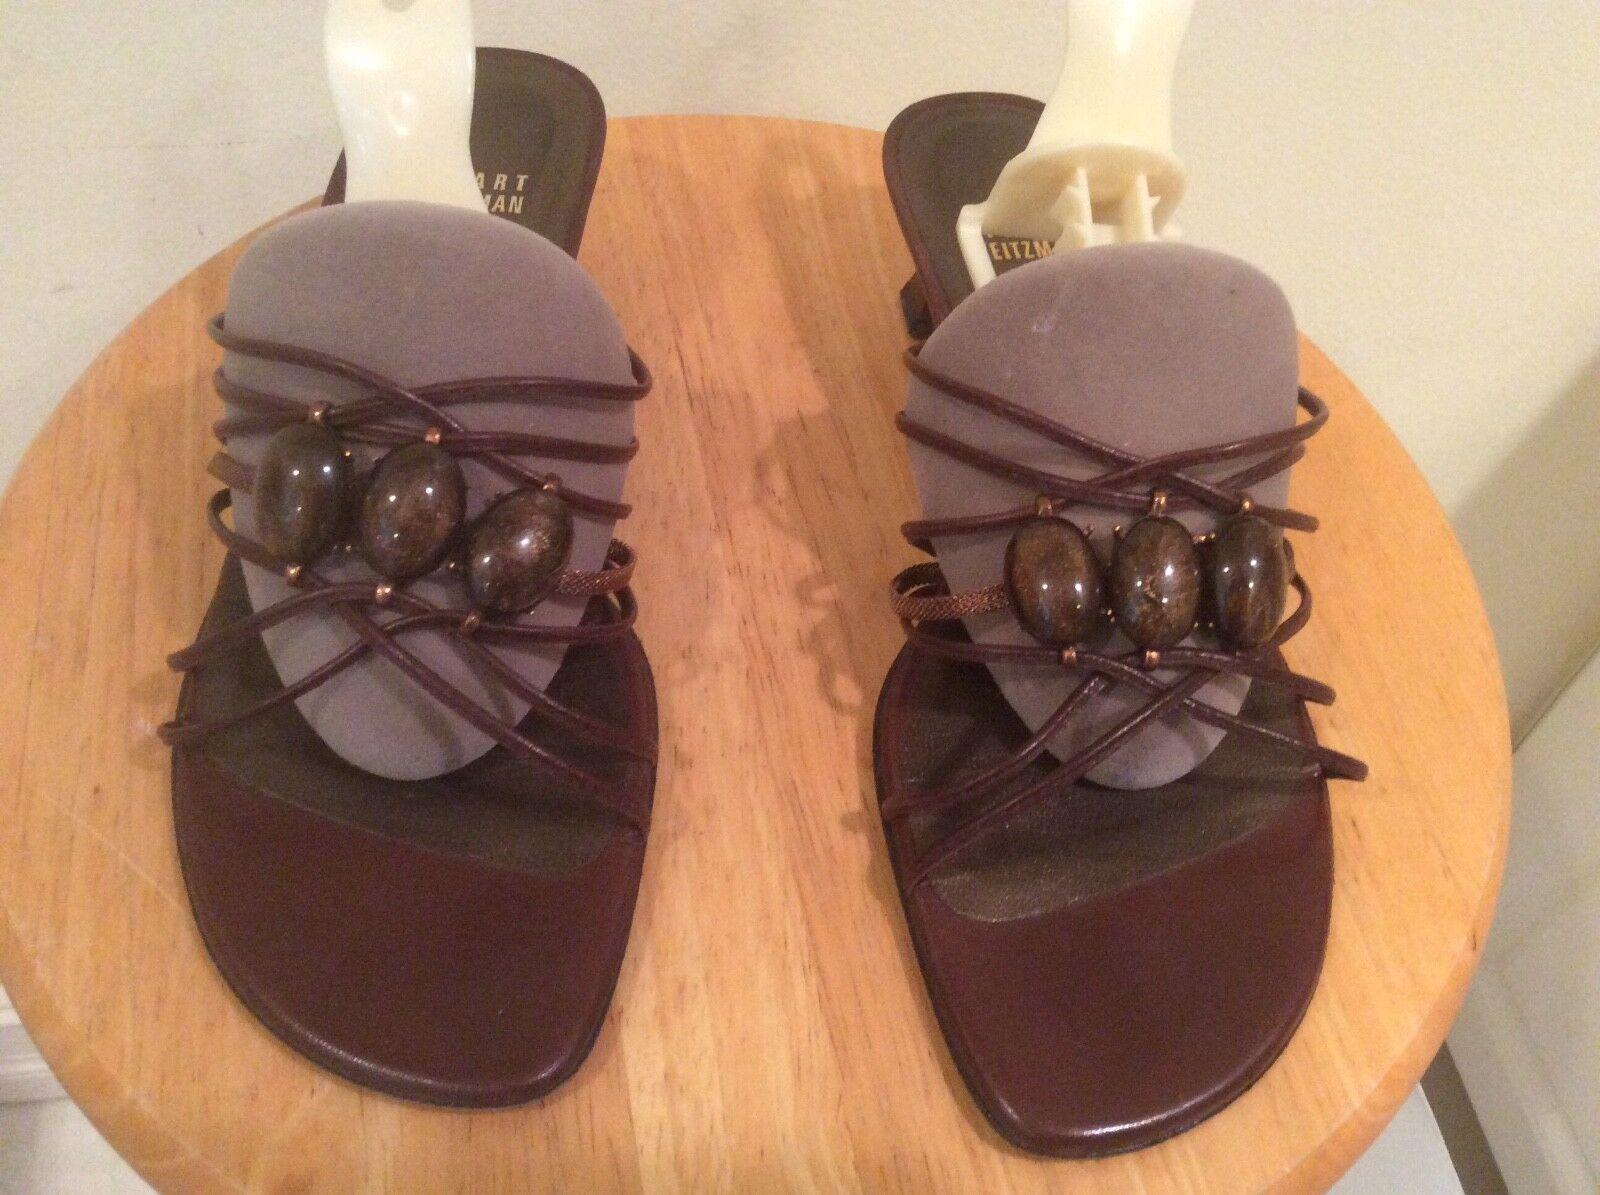 Stuart Weitzman shoes Slides Bronzr leather 3 jewel accent a Women's Sz 7M EUC